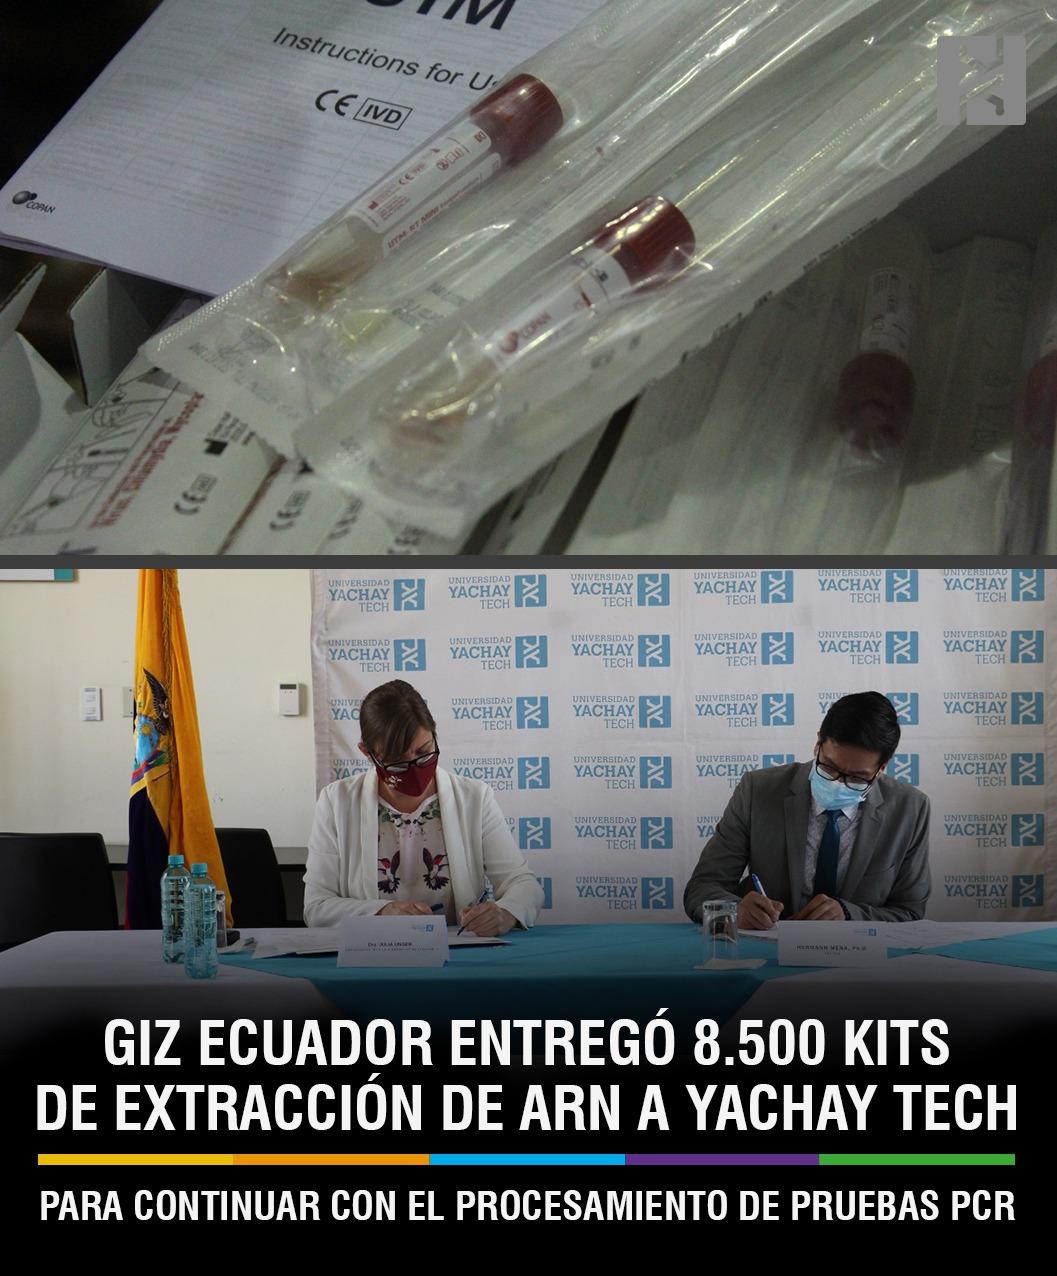 GIZ ECUADOR ENTREGÓ 8.500 KITS DE EXTRACCIÓN DE ARN A YACHAY TECH PARA CONTINUAR CON EL PROCESAMIENTO DE PRUEBAS PCR